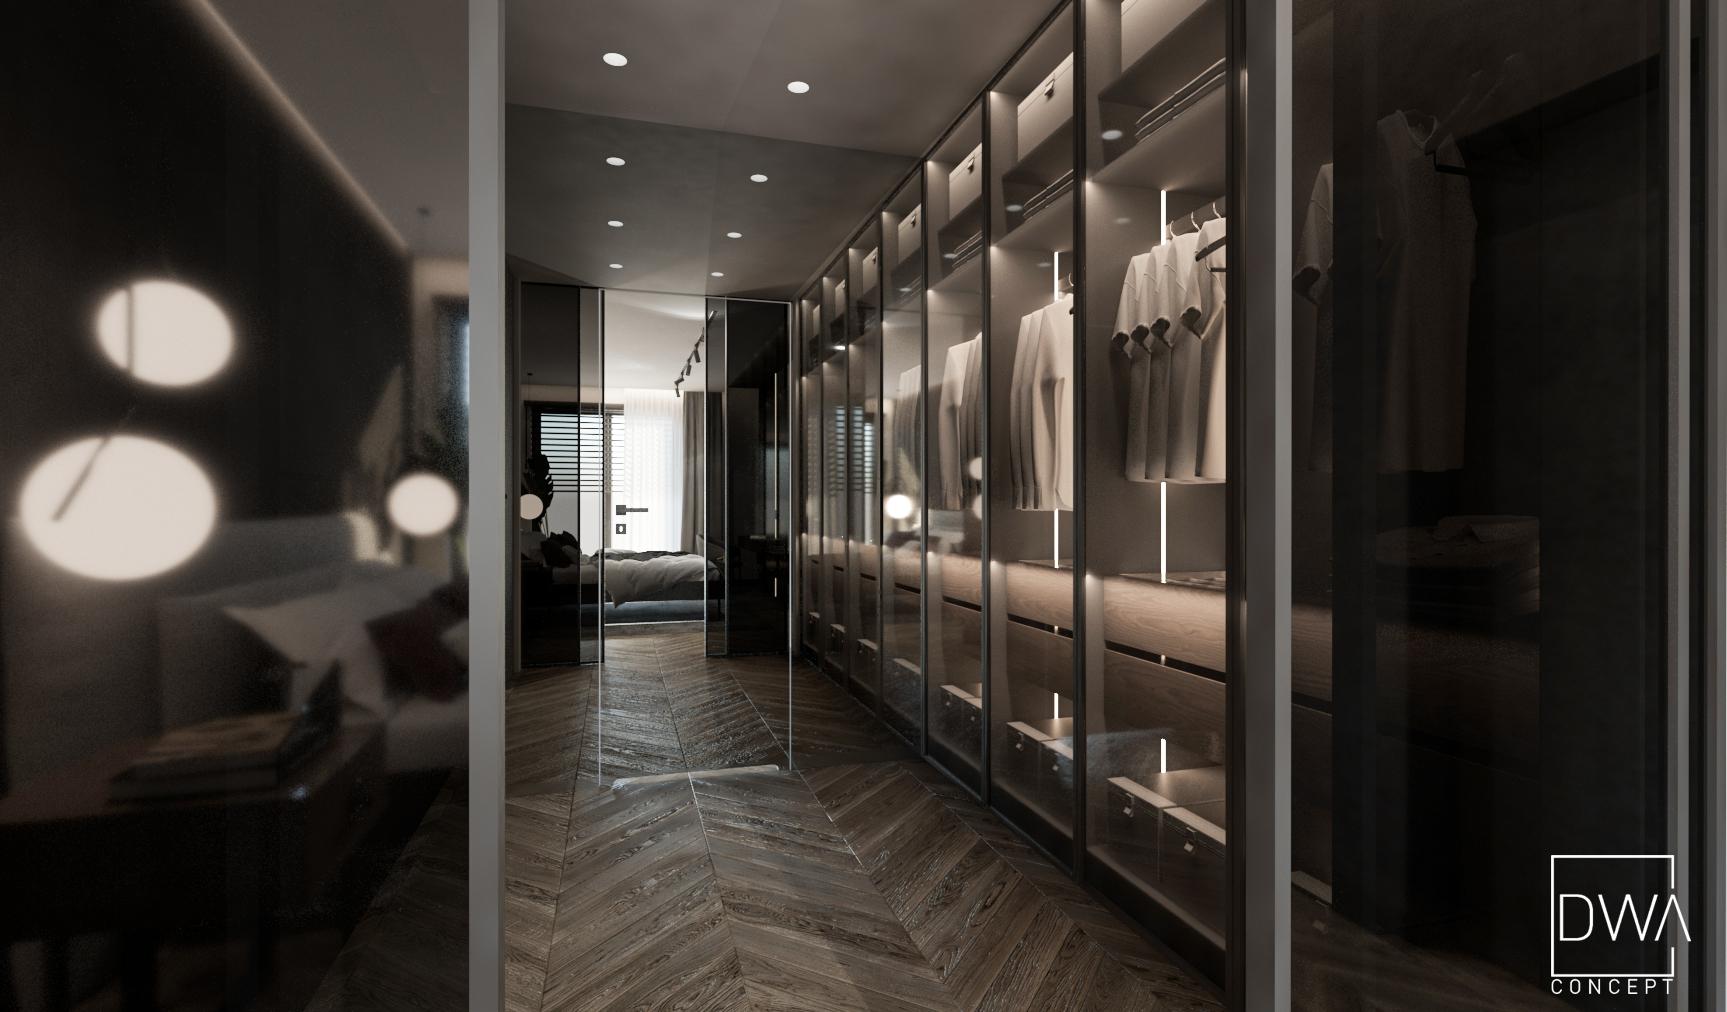 projekt wnętrz domu w Rabce-Zdrój strefa nocna sypialnia garderoba łazienka, all in black, ciemne kolory, ciemna sypialnia, beton, przeszklona garderoba projekty wnętrz Rabka-Zdrój, projektant wnętrz, projektowanie wnętrz Kraków, projekty wnętrz Zakopane, Nowy Targ